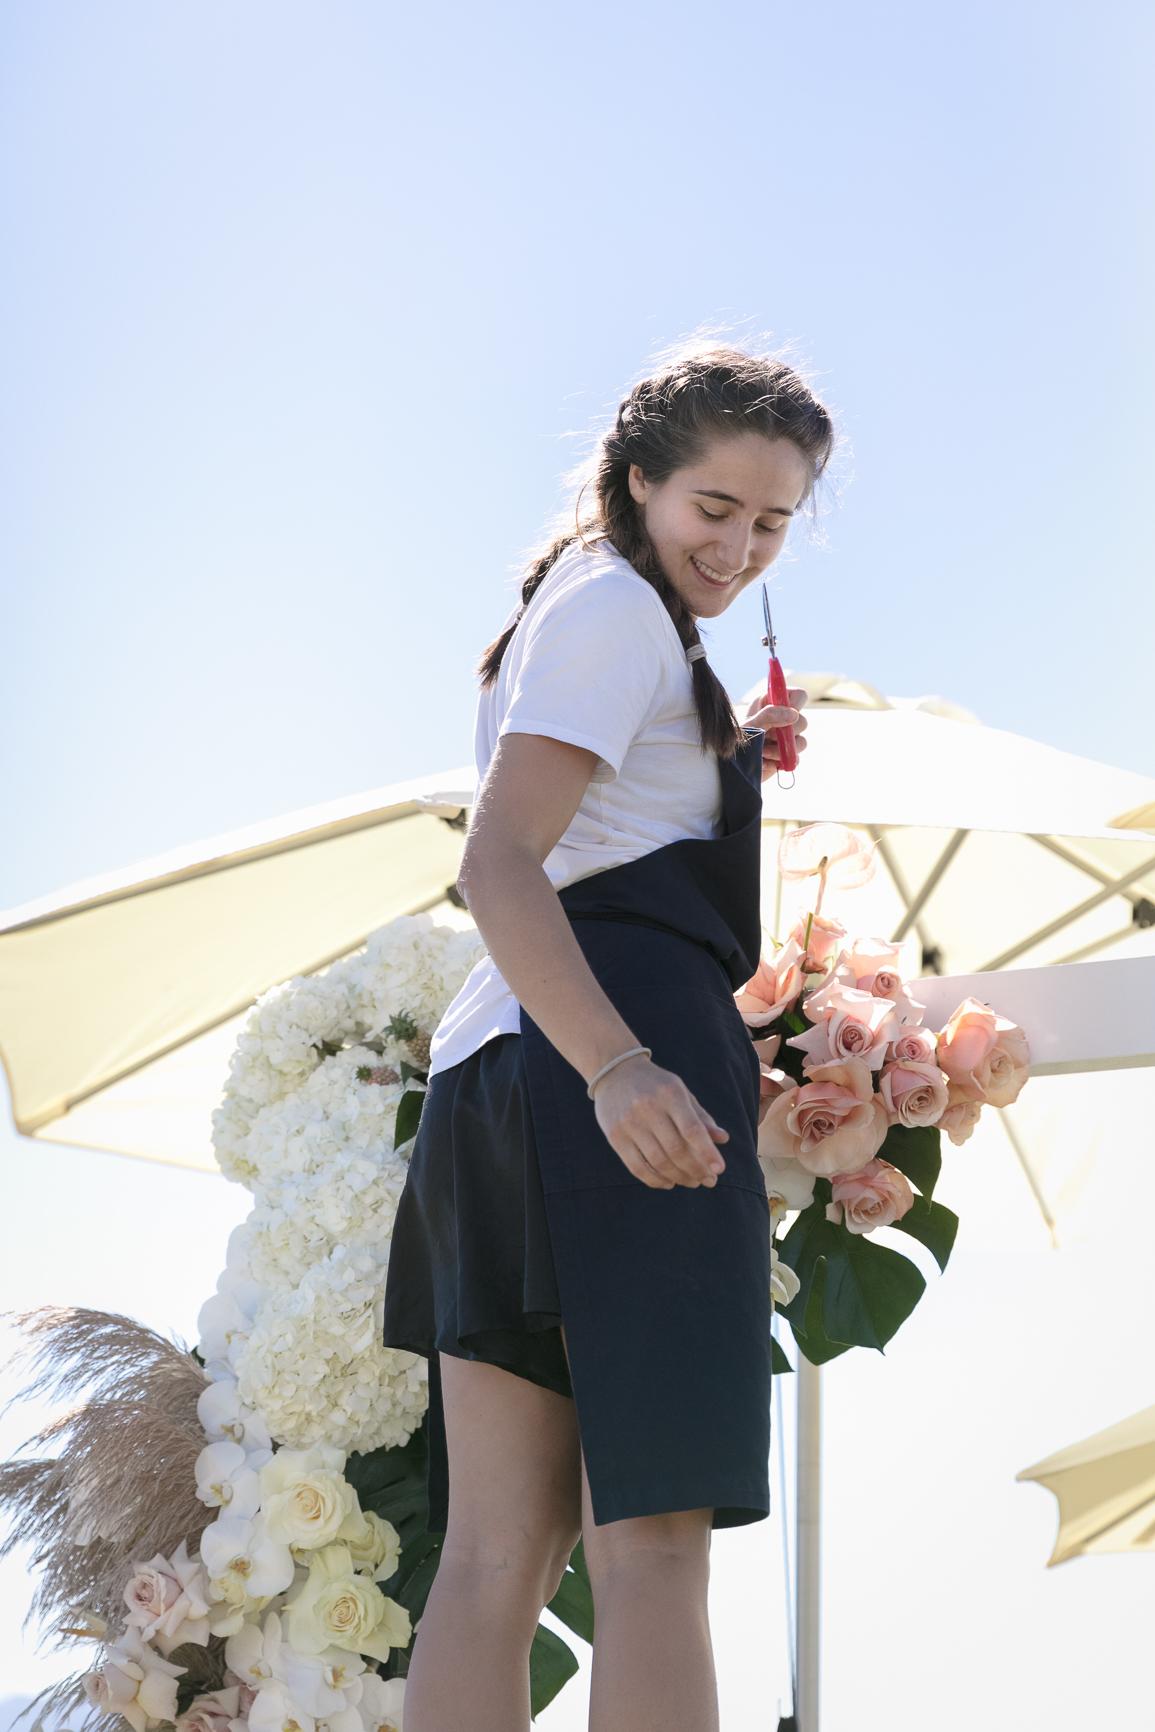 ©MichelleWeir-Blush-TaraIti-Wedding-72dpi-012.jpg